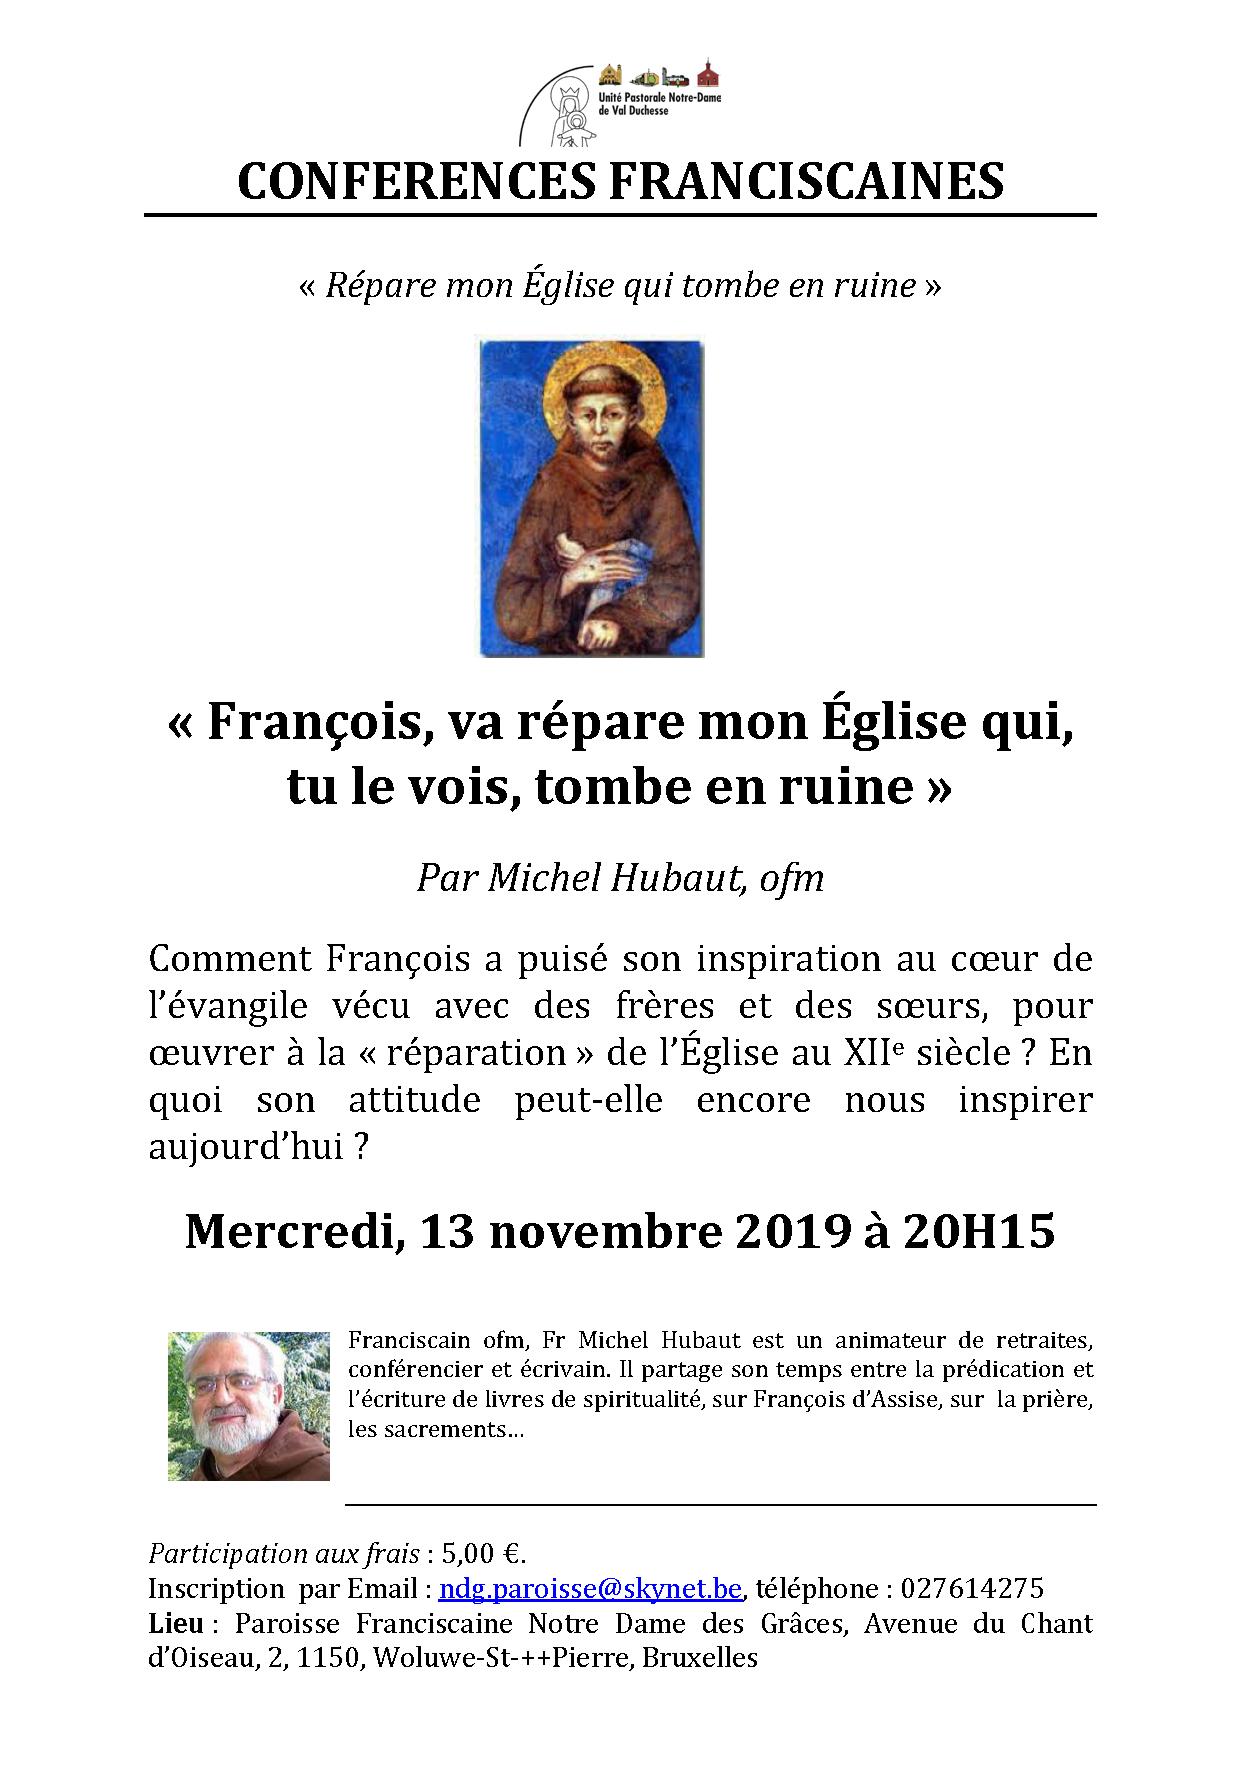 """Conférence franciscaine  : """"François, va et répare mon église qui, tu le vois, tombe en ruine"""" - la crisé médiévale de l'Eglise @ Notre-Dame des Grâces (cure)"""